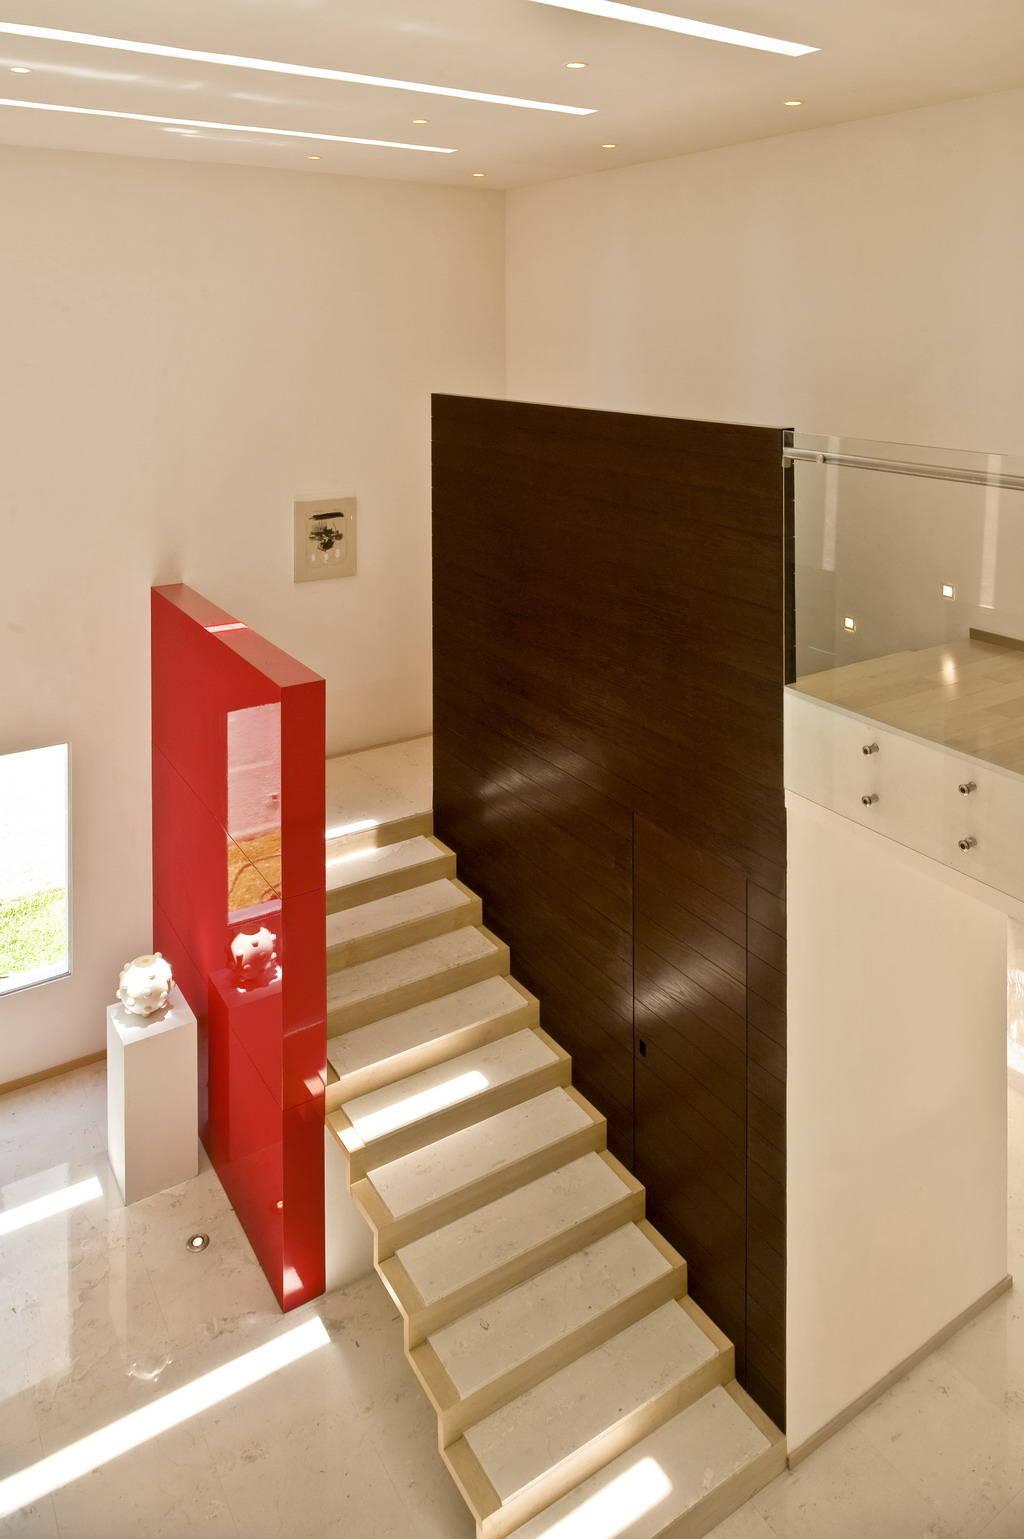 Casa G por Agraz Arquitectos : Fotografía © Mito Covarrubias